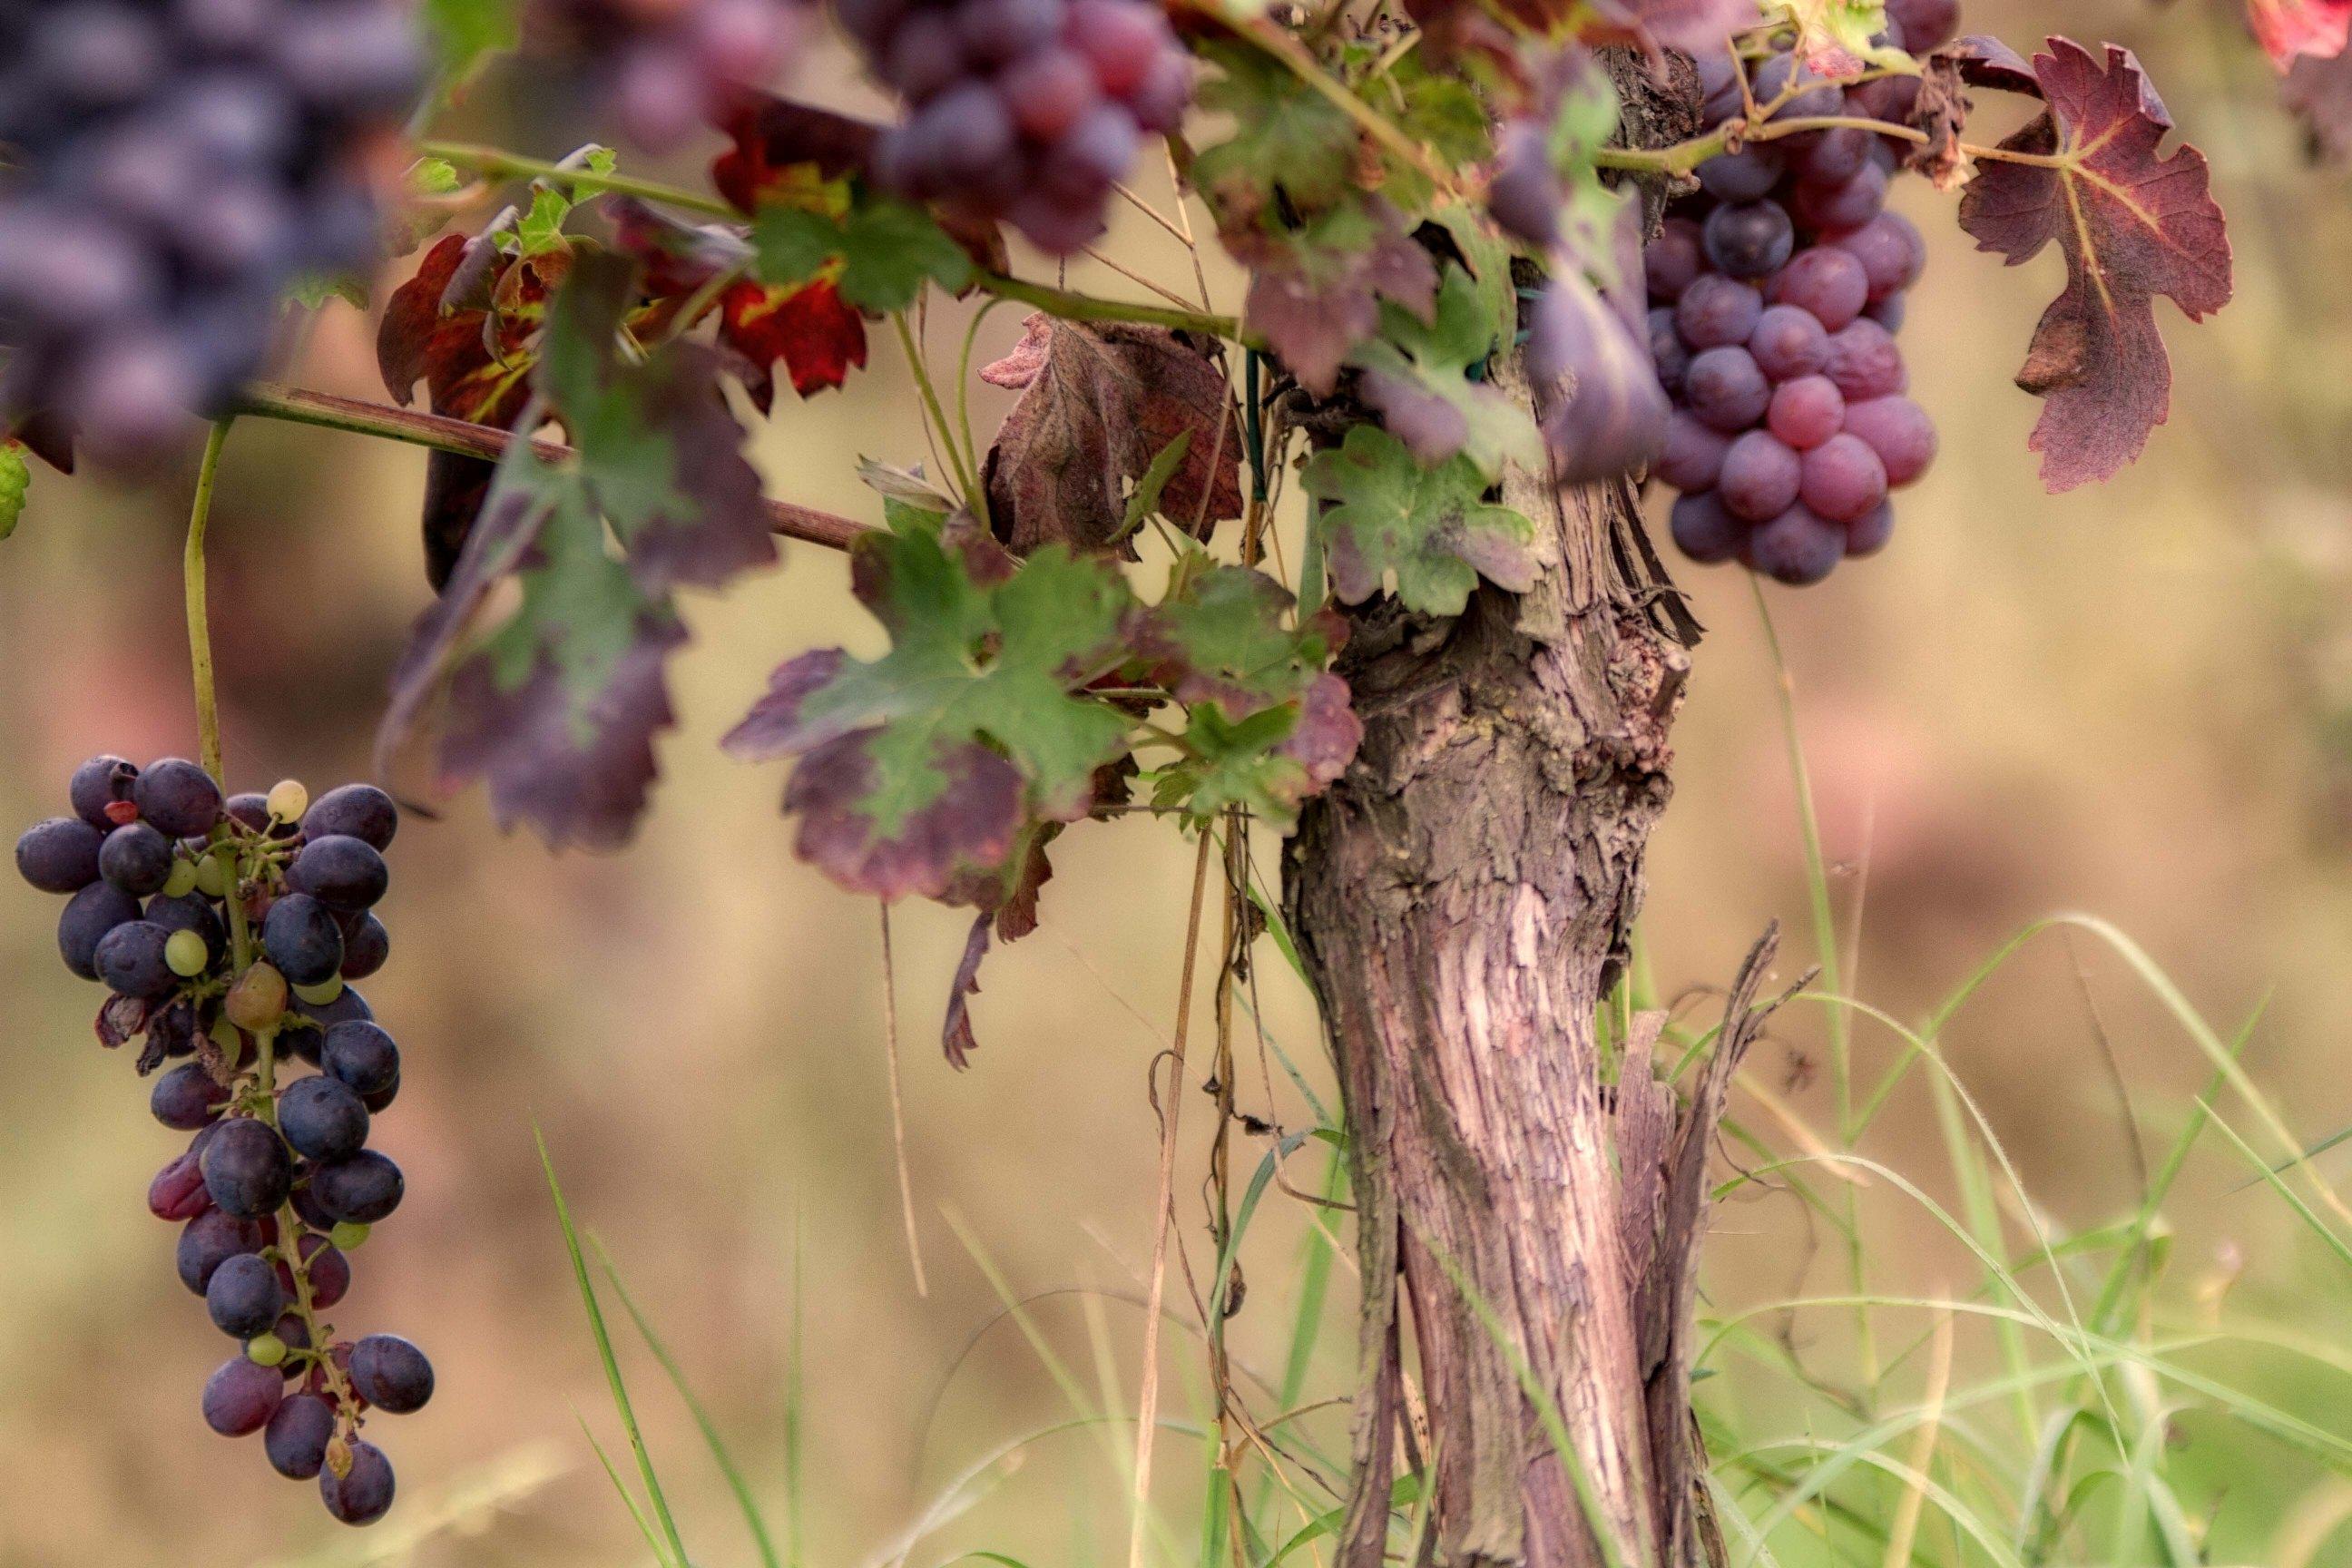 мож красивые картинки виноградной лозы что русский язык